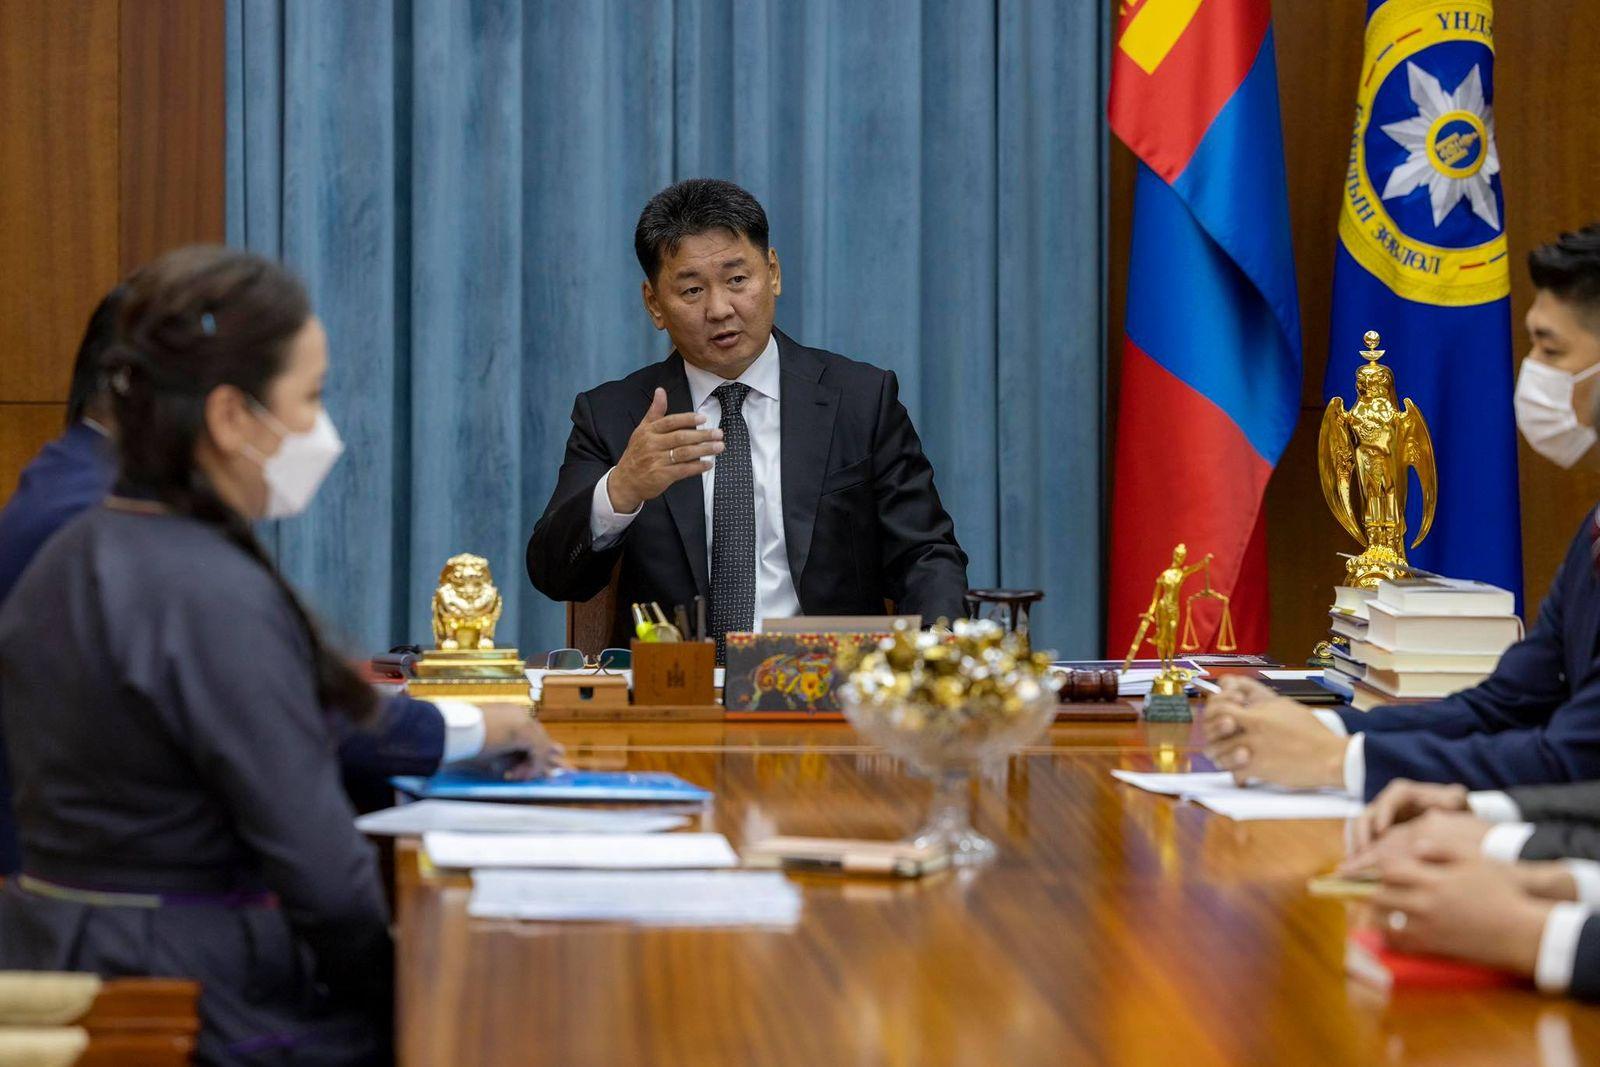 대통령은 해외의 몽골인들을 위한 사업과 프로그램에 대한 그의 정책적 지지를 표명.jpg